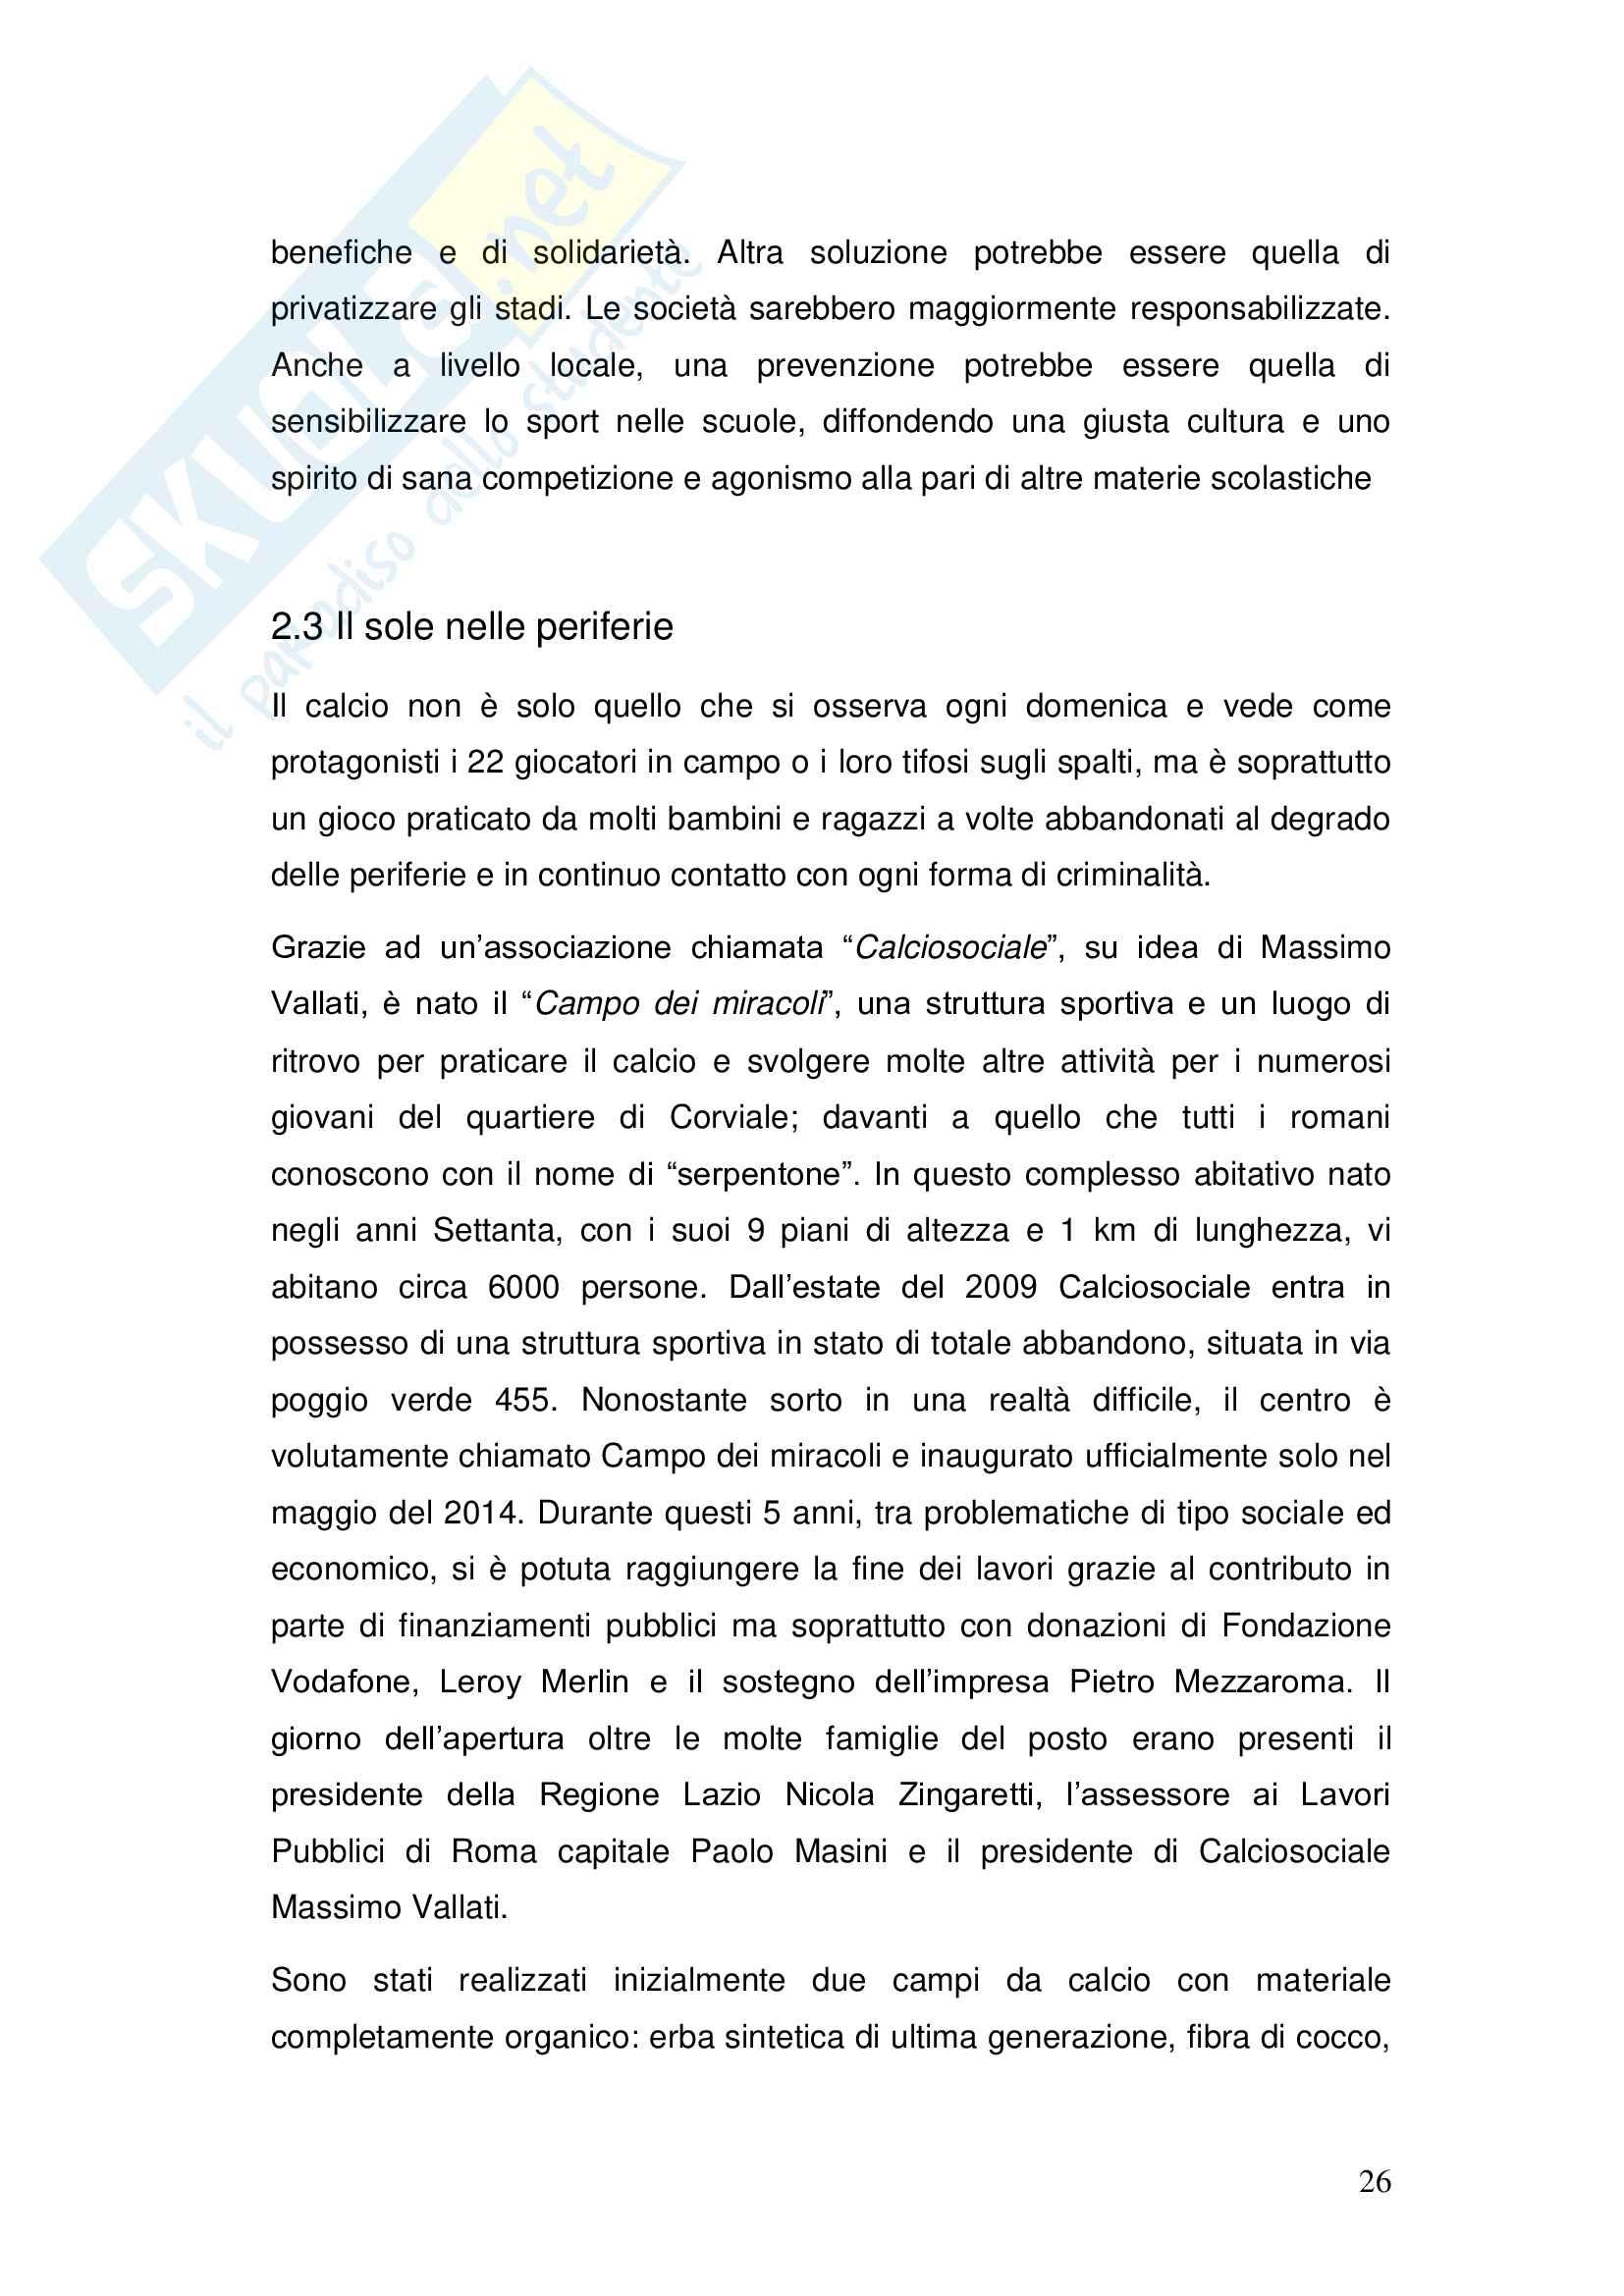 Il ruolo sociale del calcio Pag. 26